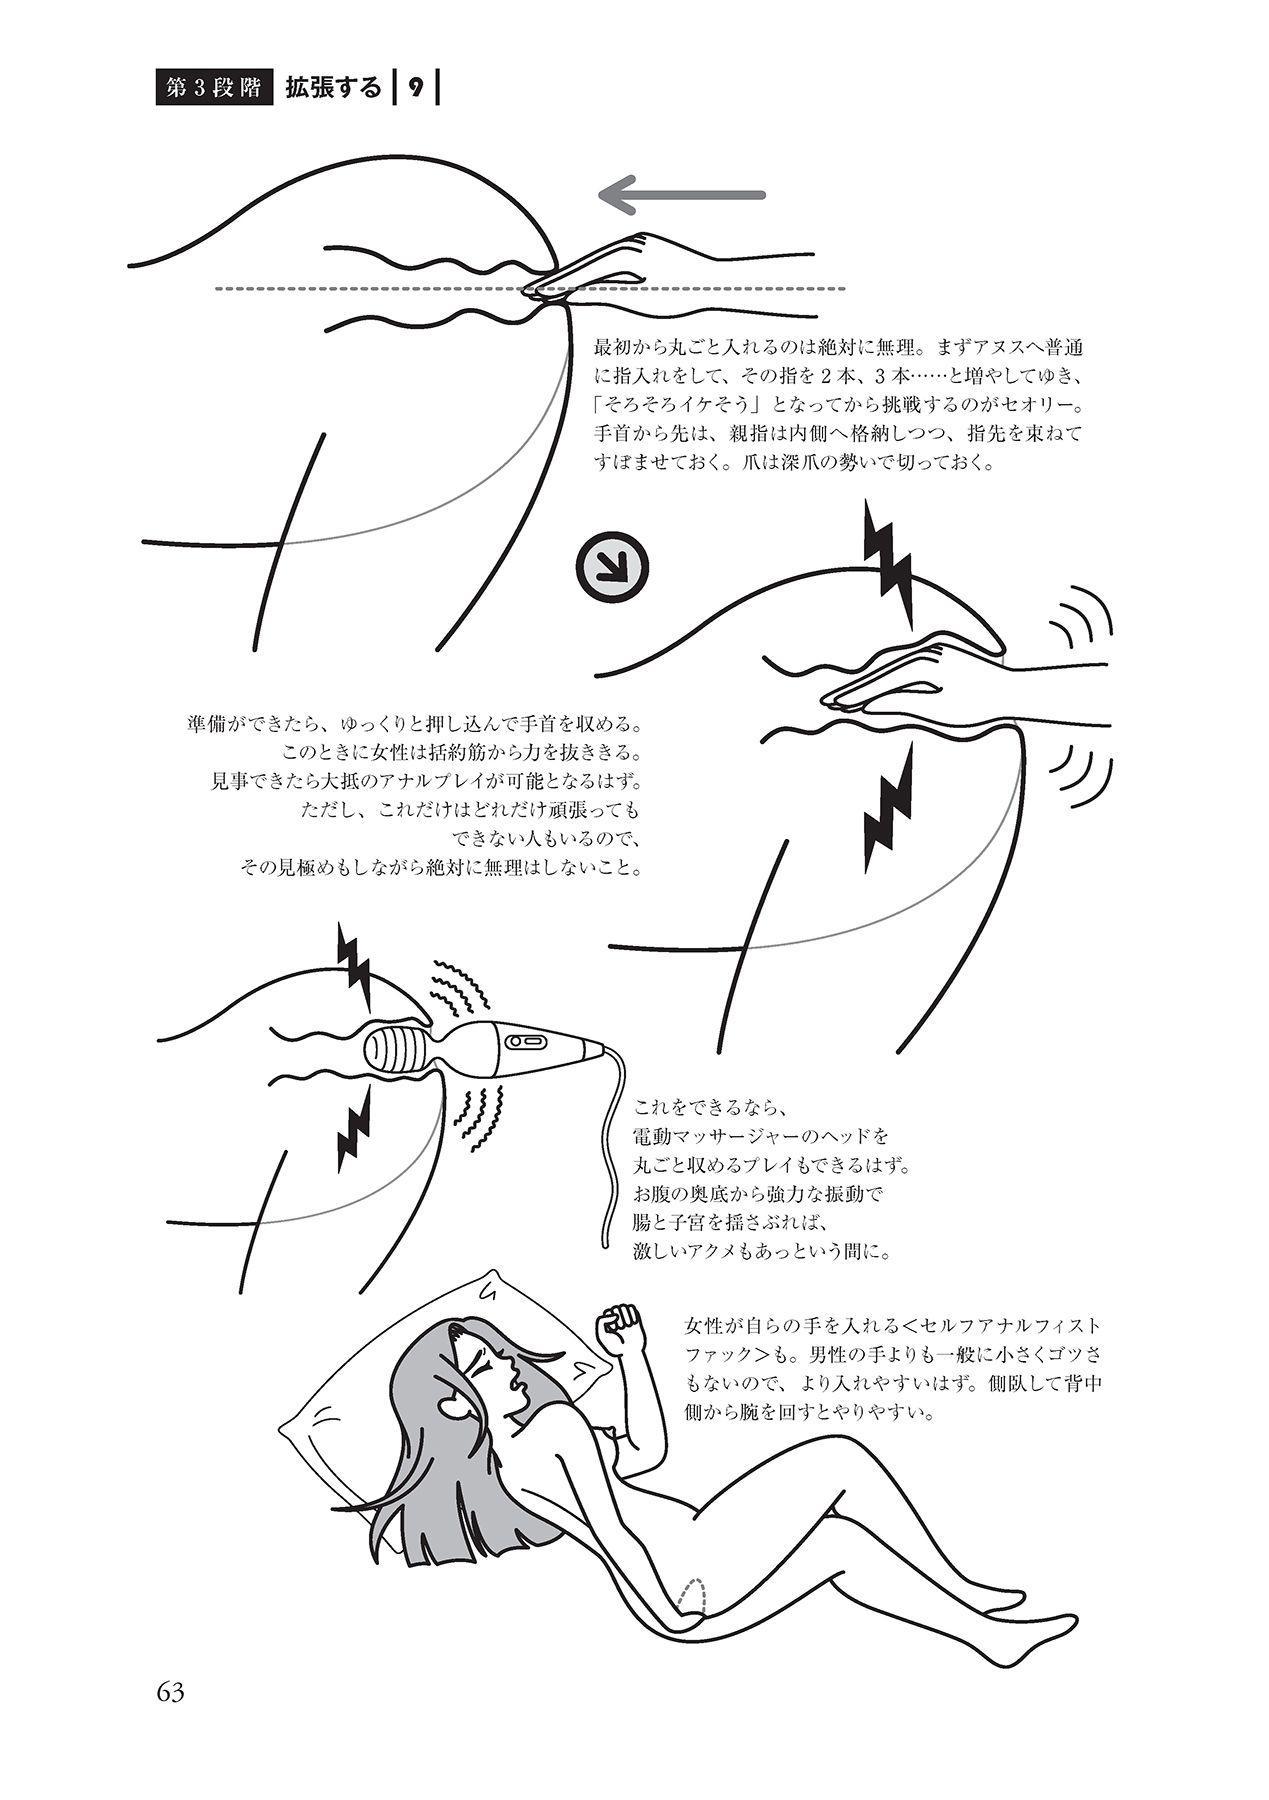 アナル性感開発・お尻エッチ 完全マニュアル 64